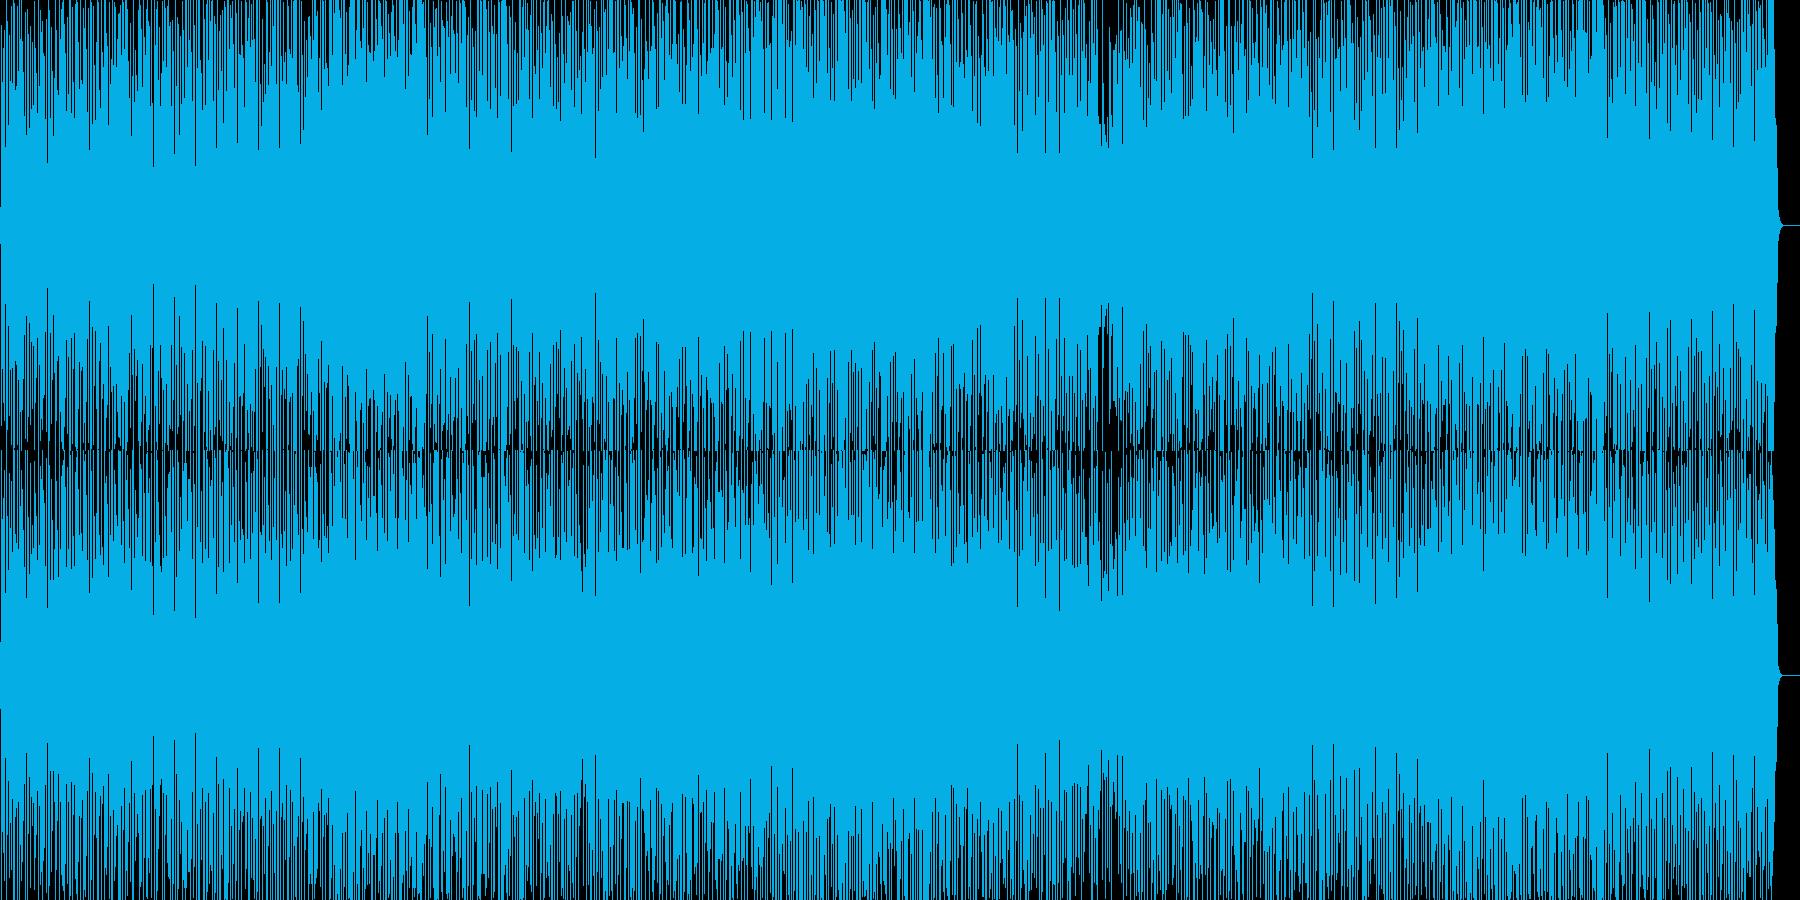 ファンキーで明るいノリのよいグルーヴの再生済みの波形